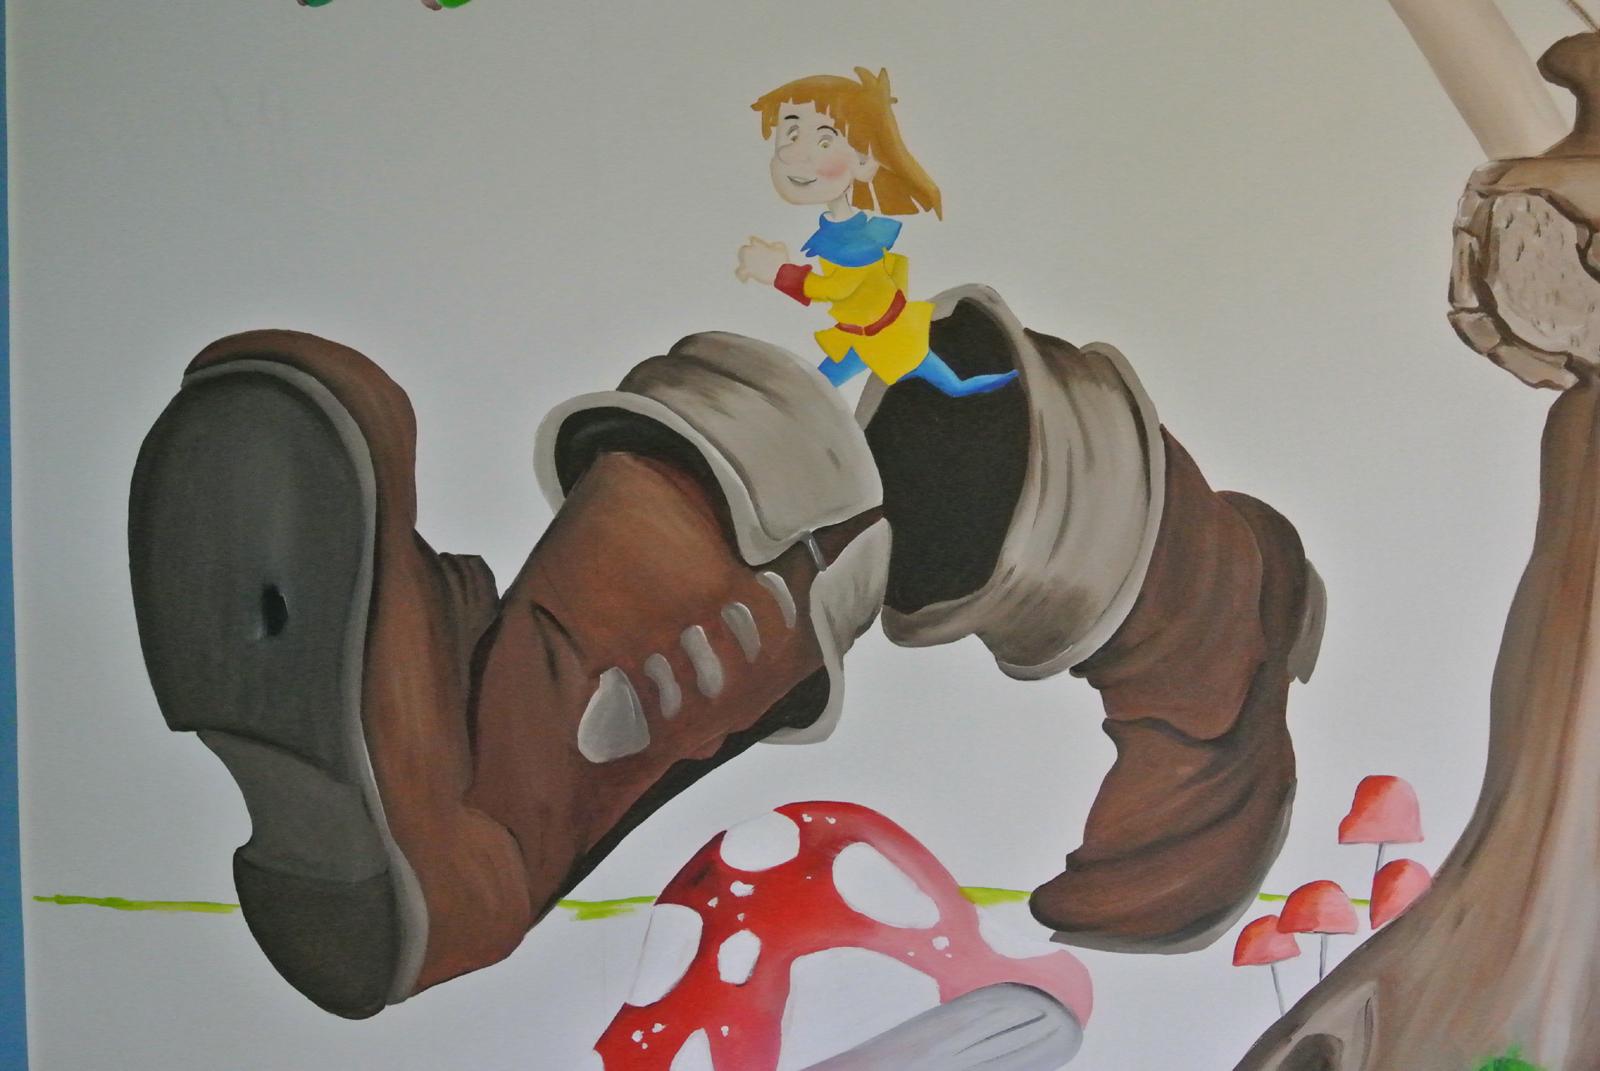 kleinduimpje muurschildering muurschildering laten maken voor bedrijf kinderkamer babykamer omgeving Groningen Drenthe Friesland Hoogeveen Janet Edens